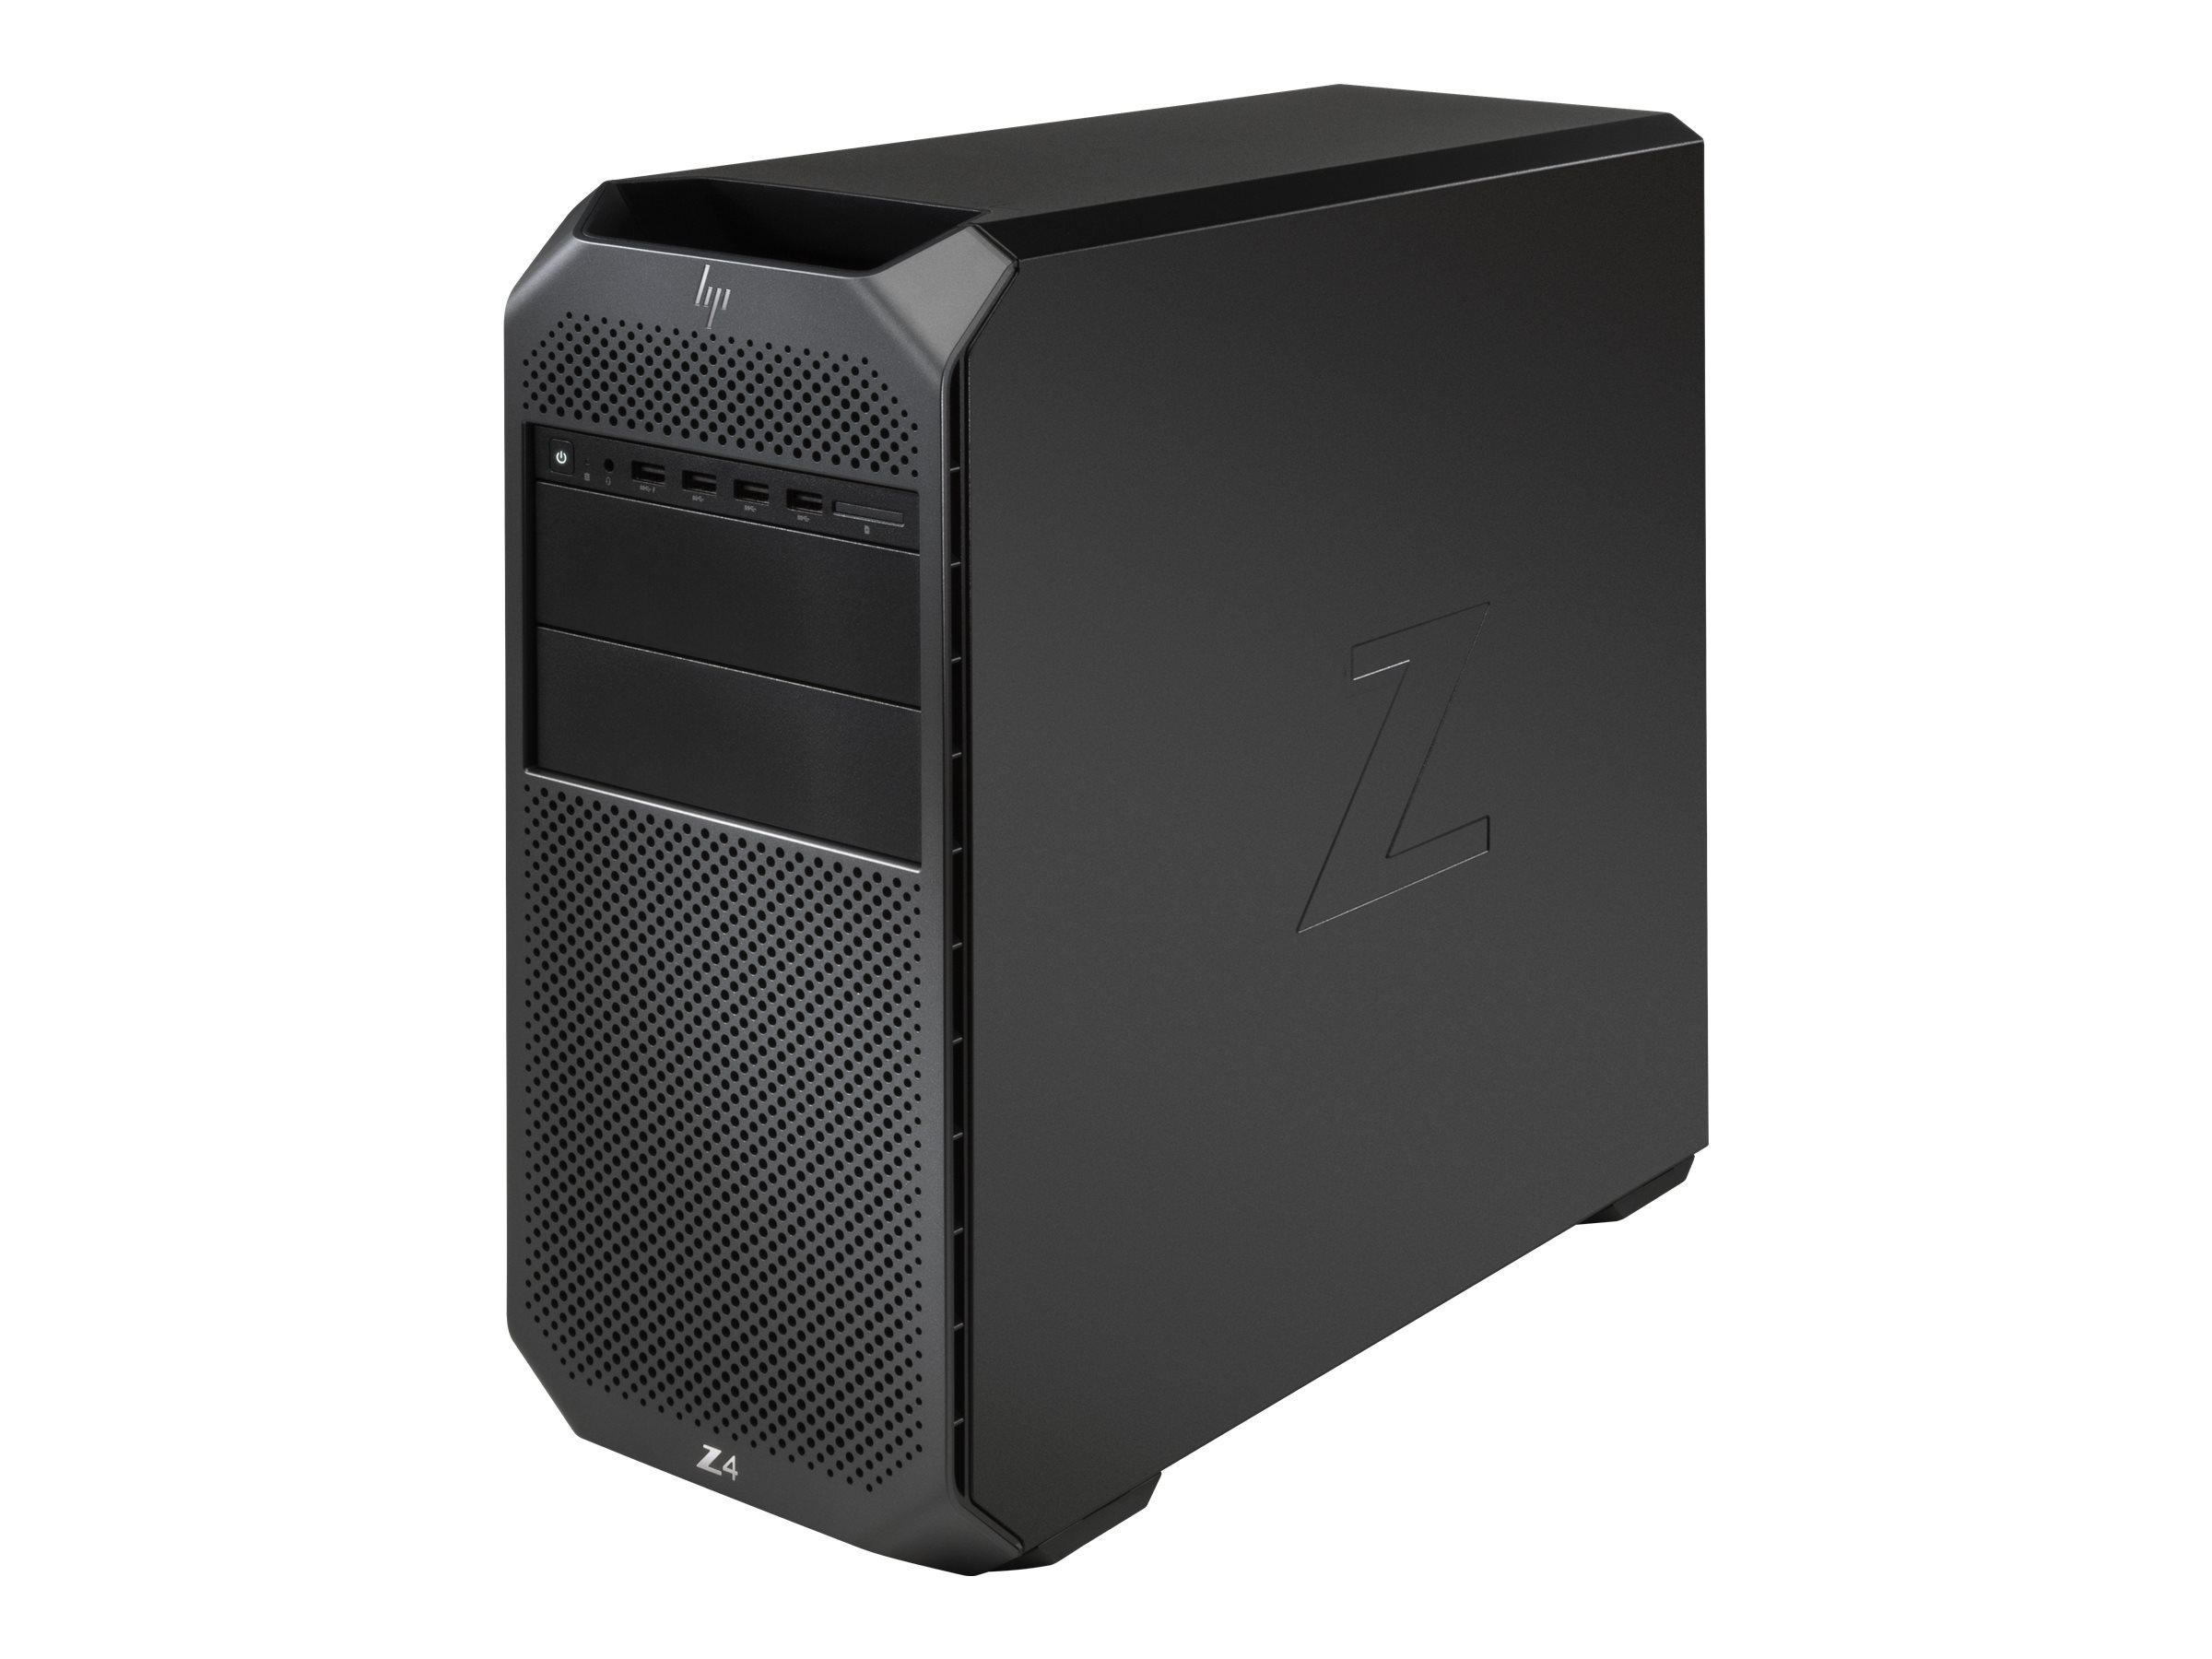 Hp workstation z4 g4 mt 4u 1 x core i7 7800x x series 3 5 ghz ram 16 gb ssd 512 gb 11033740 6qn60ea abd